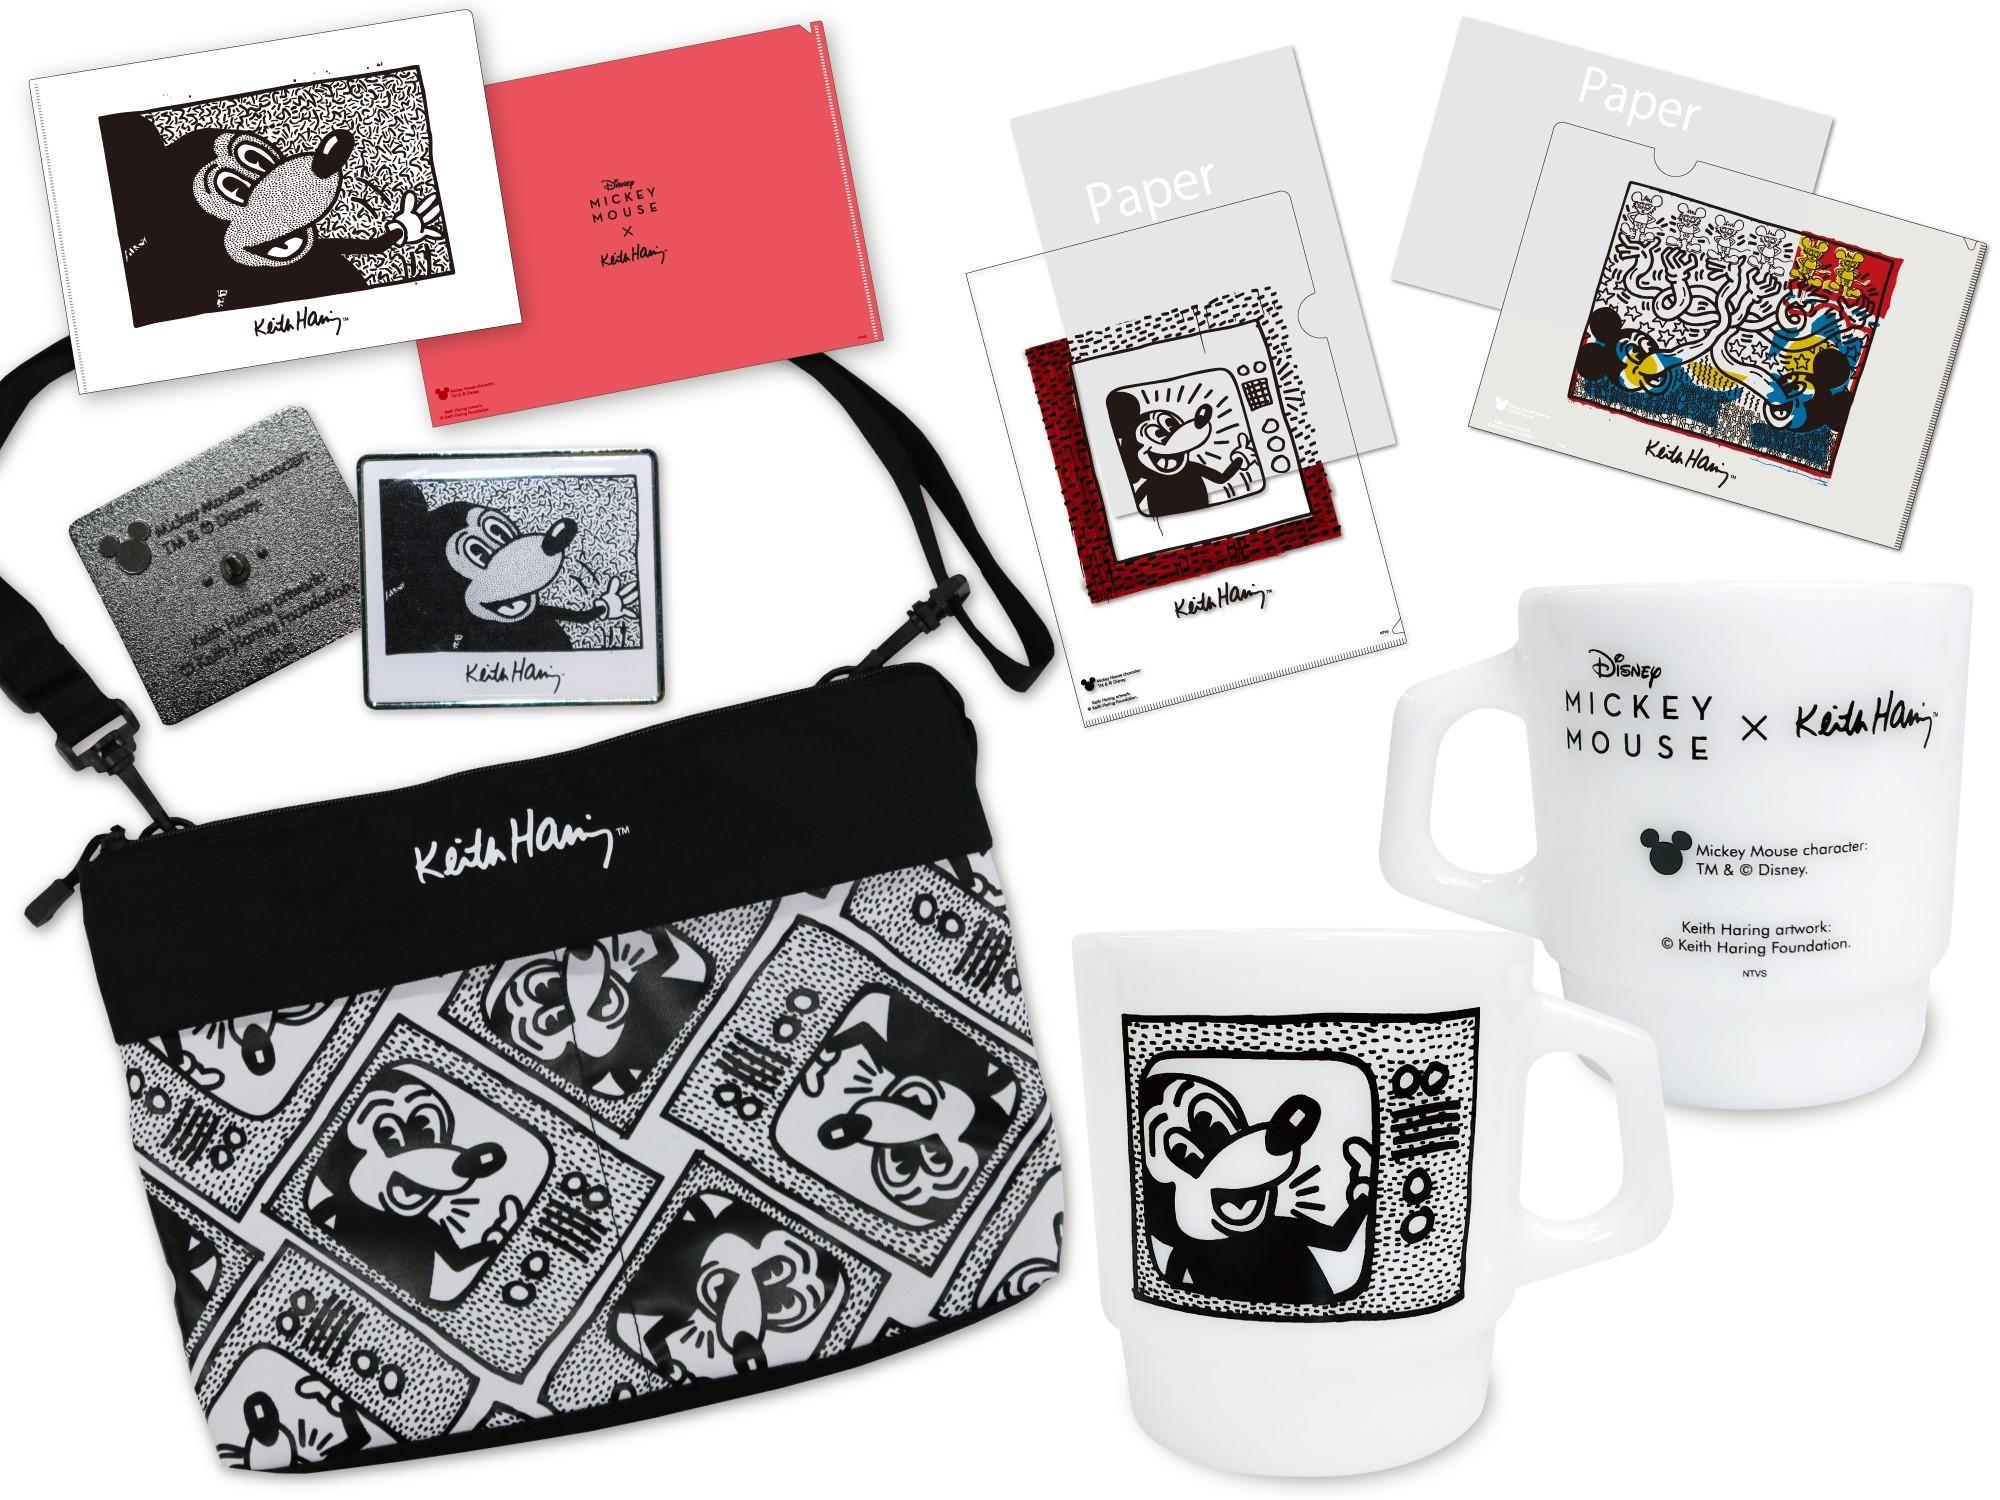 キース・へリンググッズ(一部) Mickey Mouse character: TM & (C)Disney. Keith Haring artwork: (C)Keith Haring Foundation.